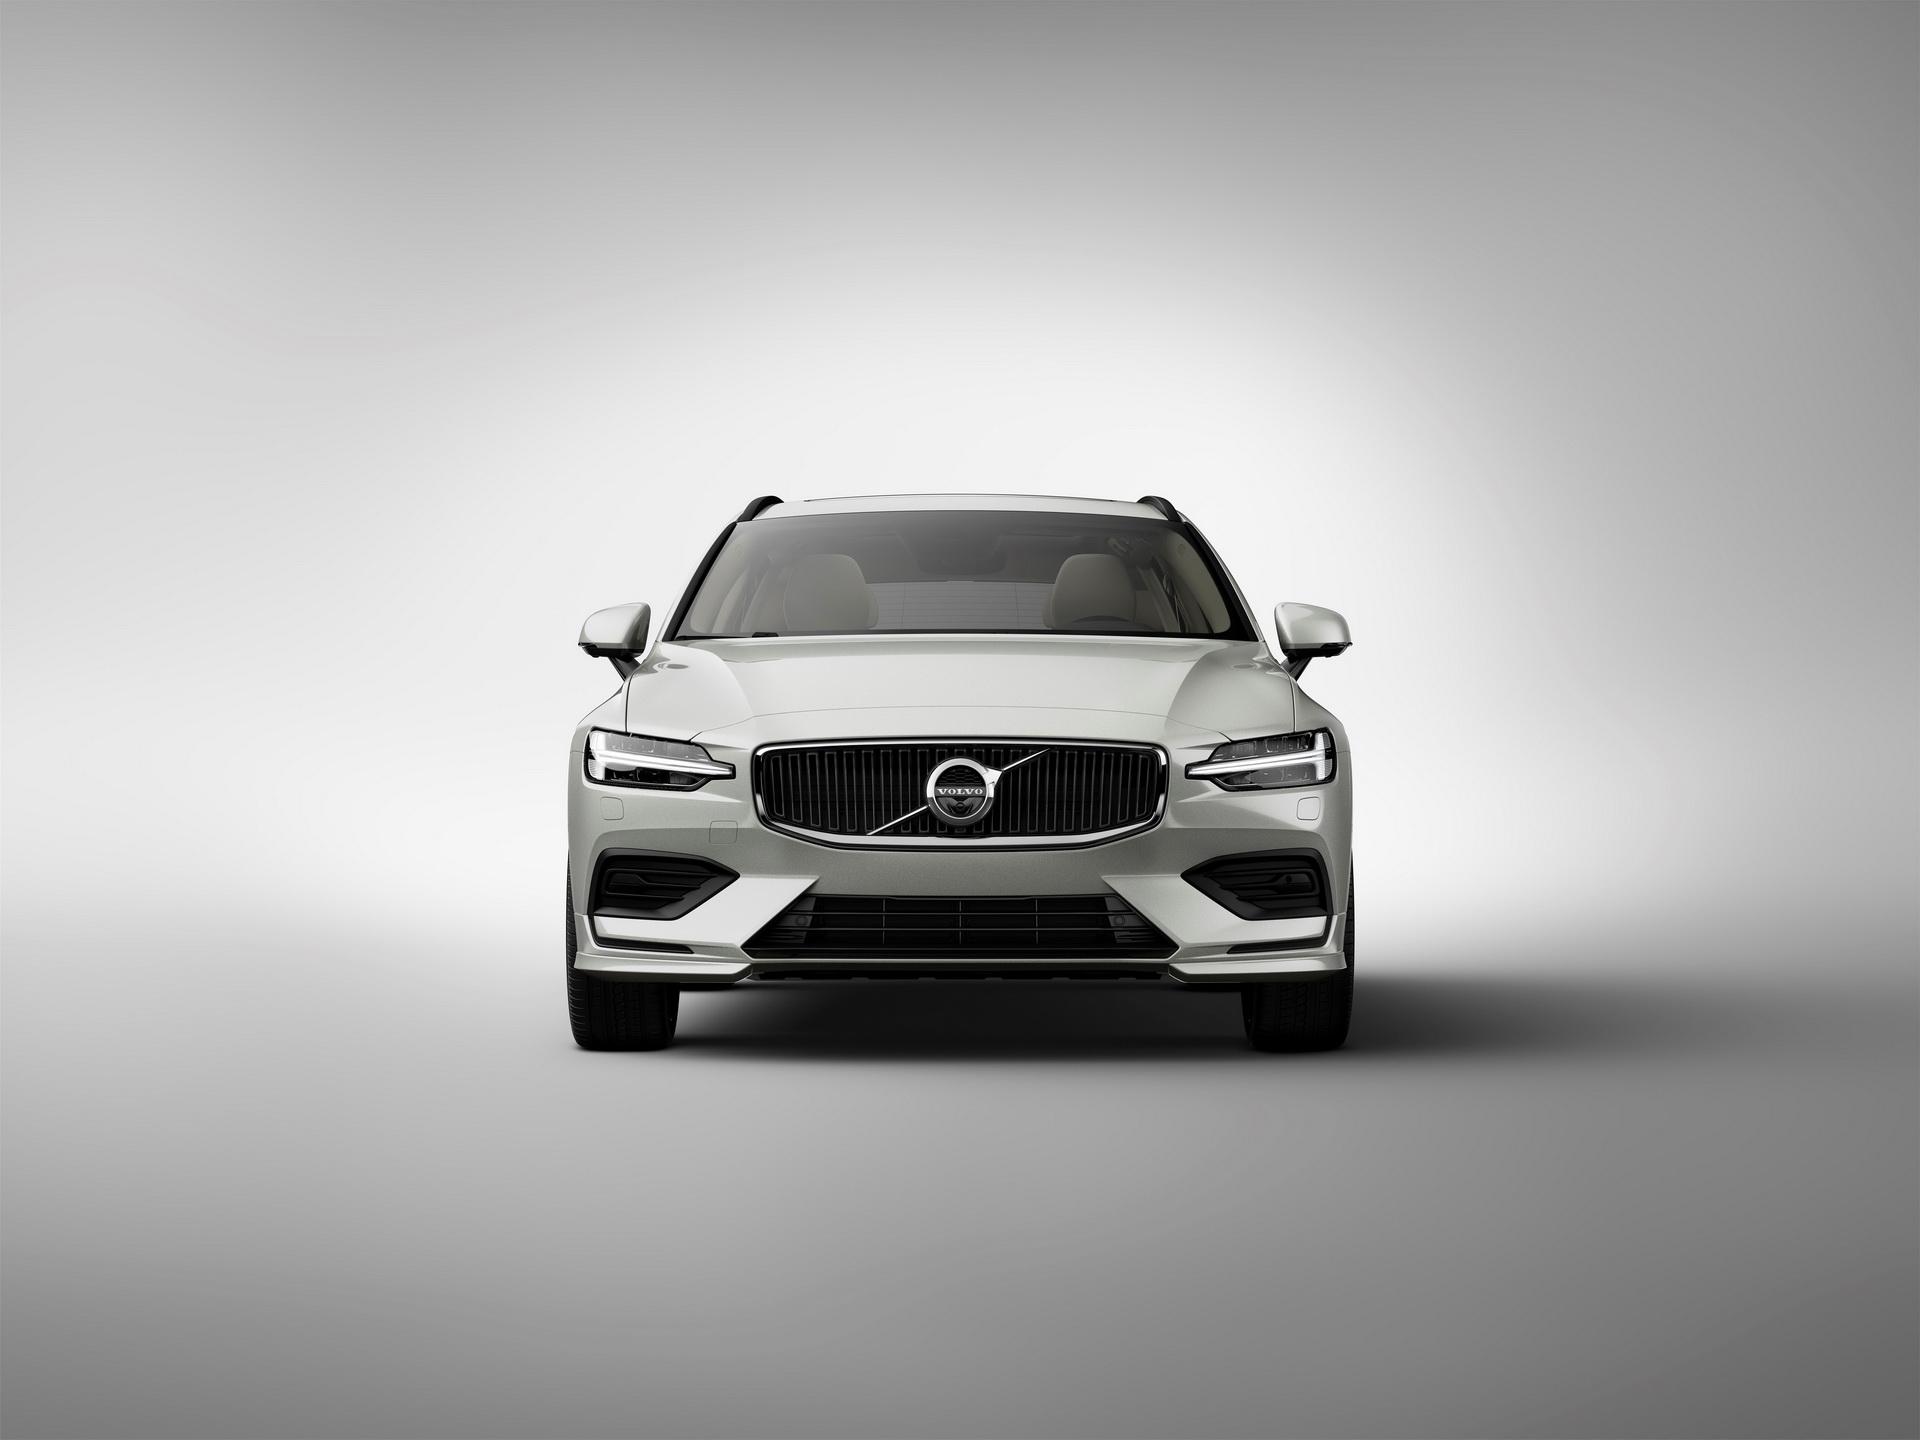 2018-VolvoV60-03.jpg